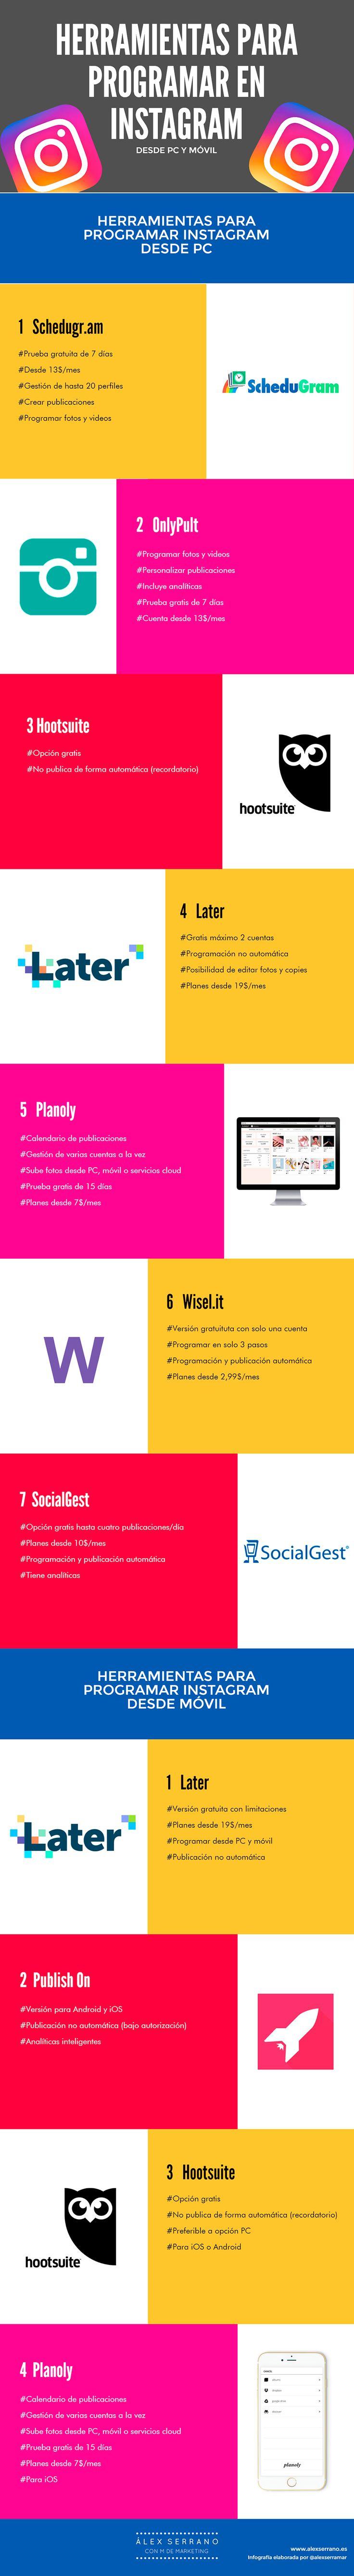 Herramientas para programar en instagram en PC y Móvil. Infografía en español. #CommunityManager